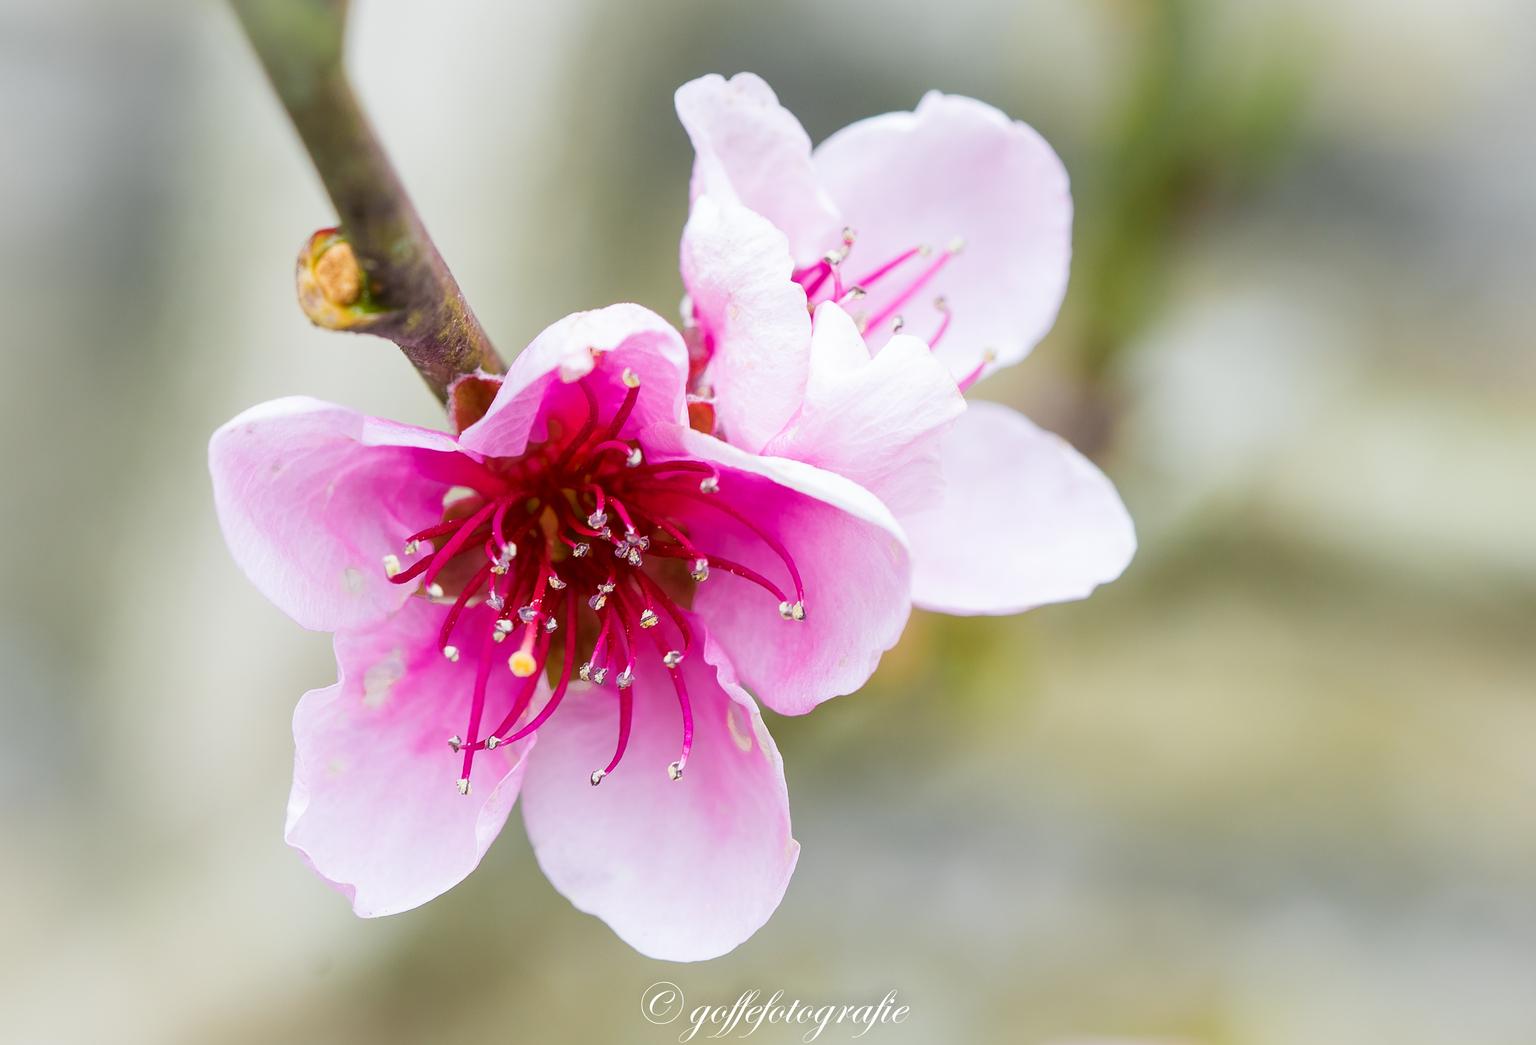 Bloesem - Bloesem - foto door Goffefotografie op 11-04-2021 - locatie: Friesland, Nederland - deze foto bevat: bloesem, pasteltinten, roze, macro, friesland, bloem, fabriek, bloemblaadje, roze, takje, terrestrische plant, bloesem, natuurlijk landschap, magenta, bloeiende plant